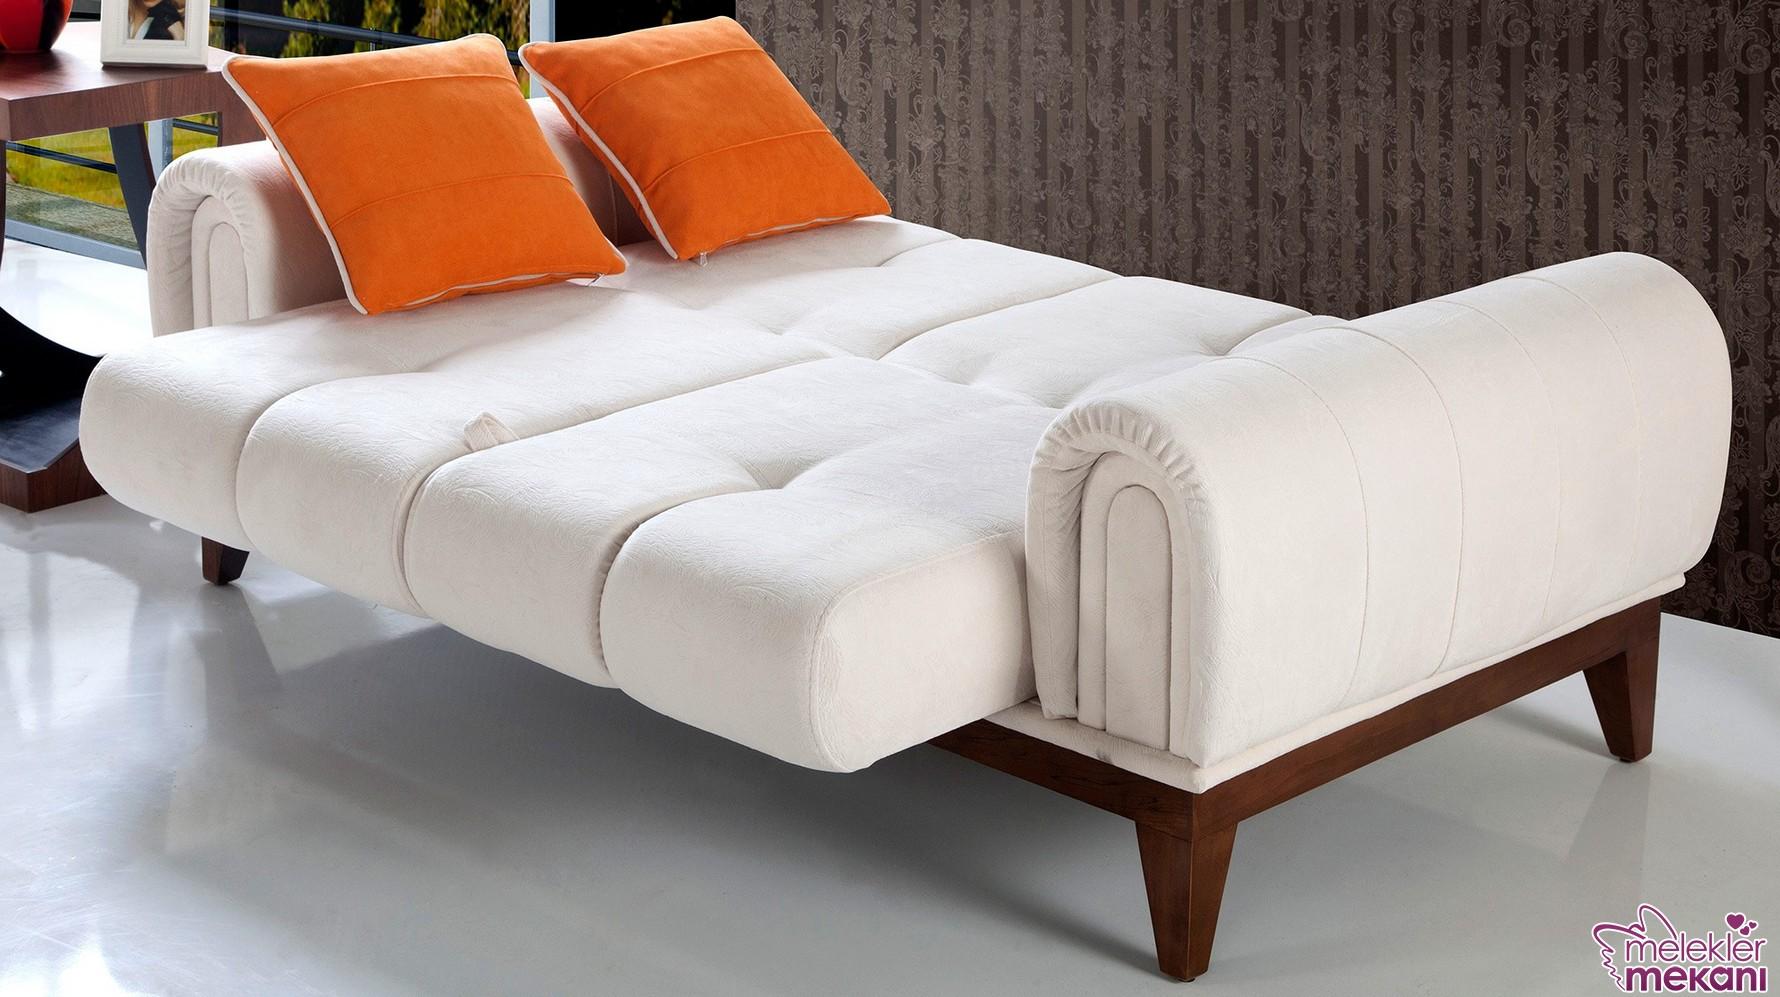 Yeni trend yataklı kanepe modelleri ile yatak keyiflerinizi daha dekoratif hale getirebilirsiniz.